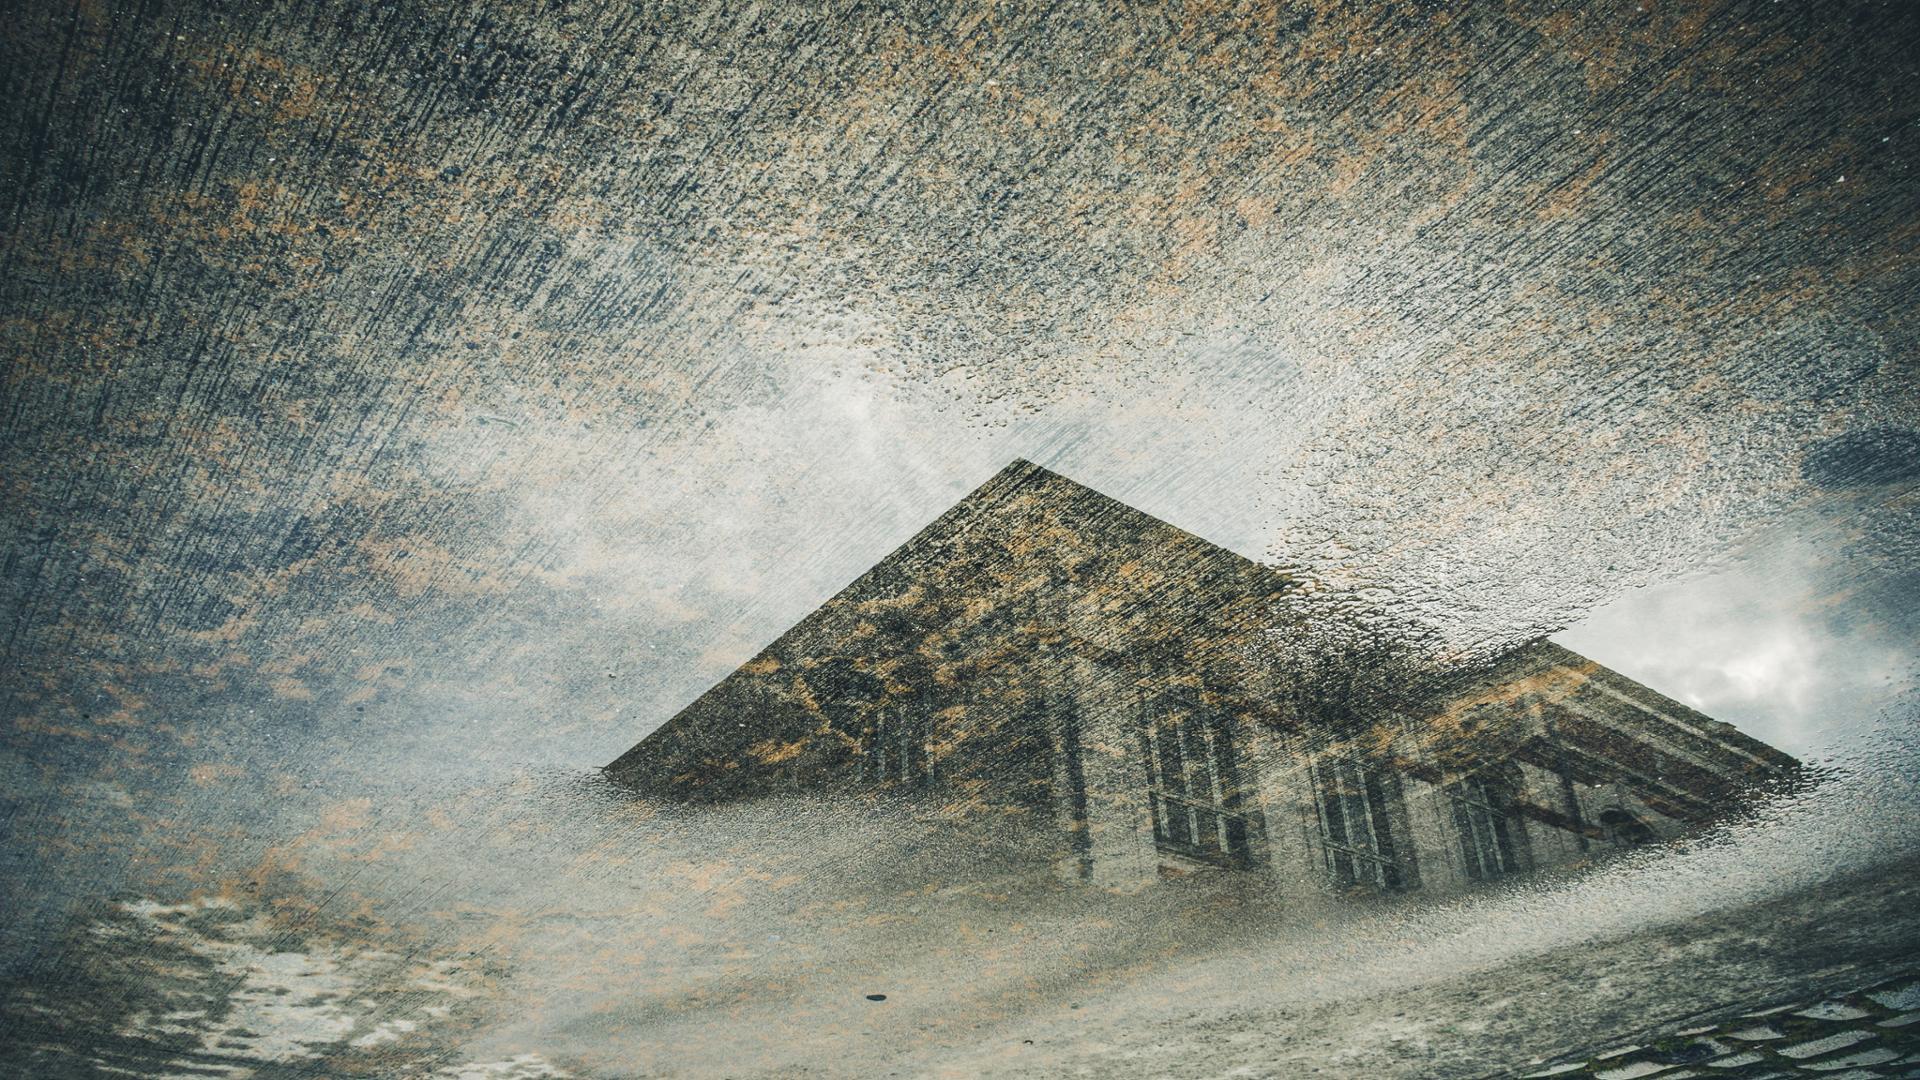 Reflet, texture et architecture